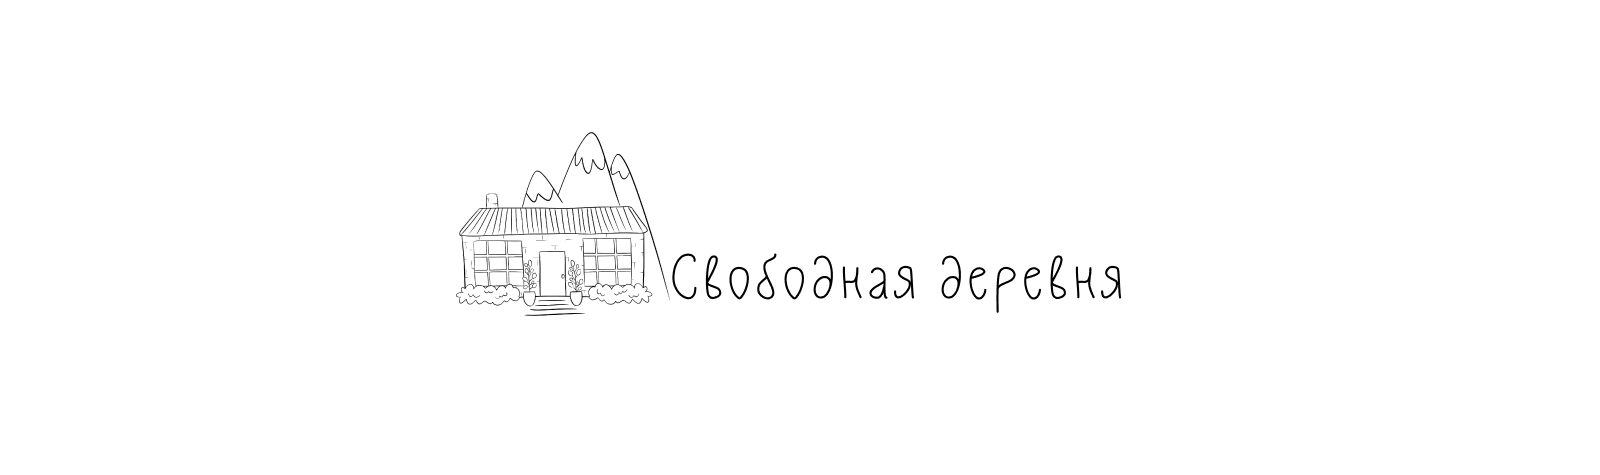 Деревенский портал